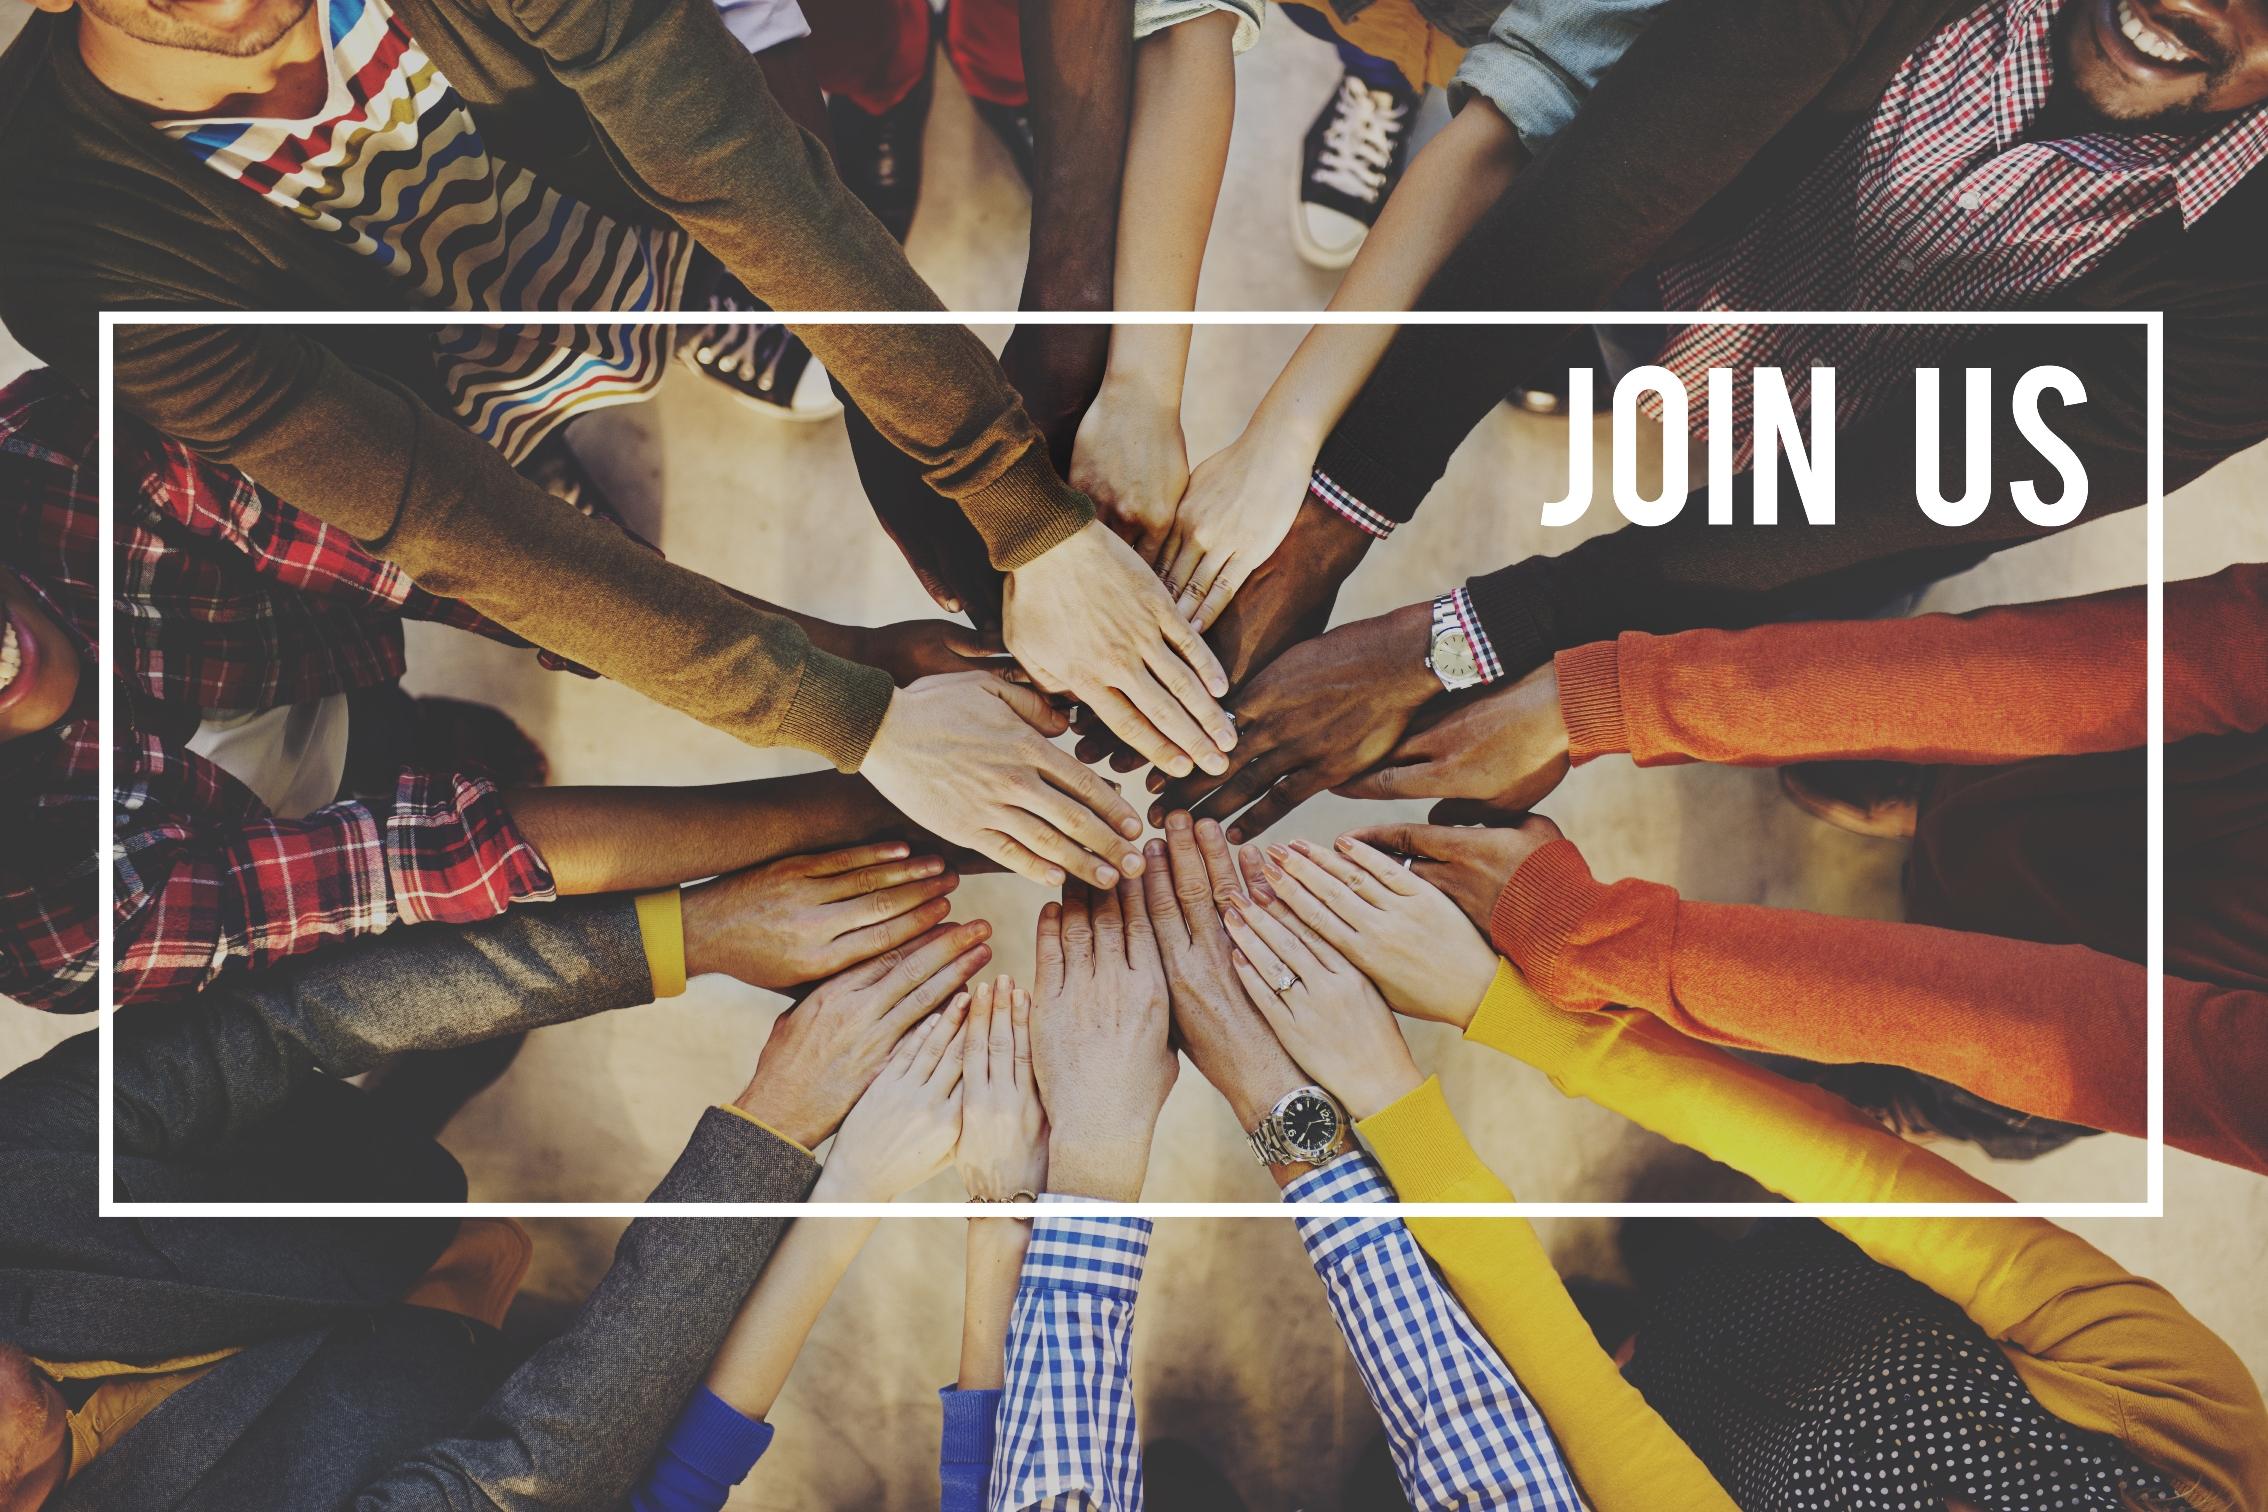 join_us_resize.jpg